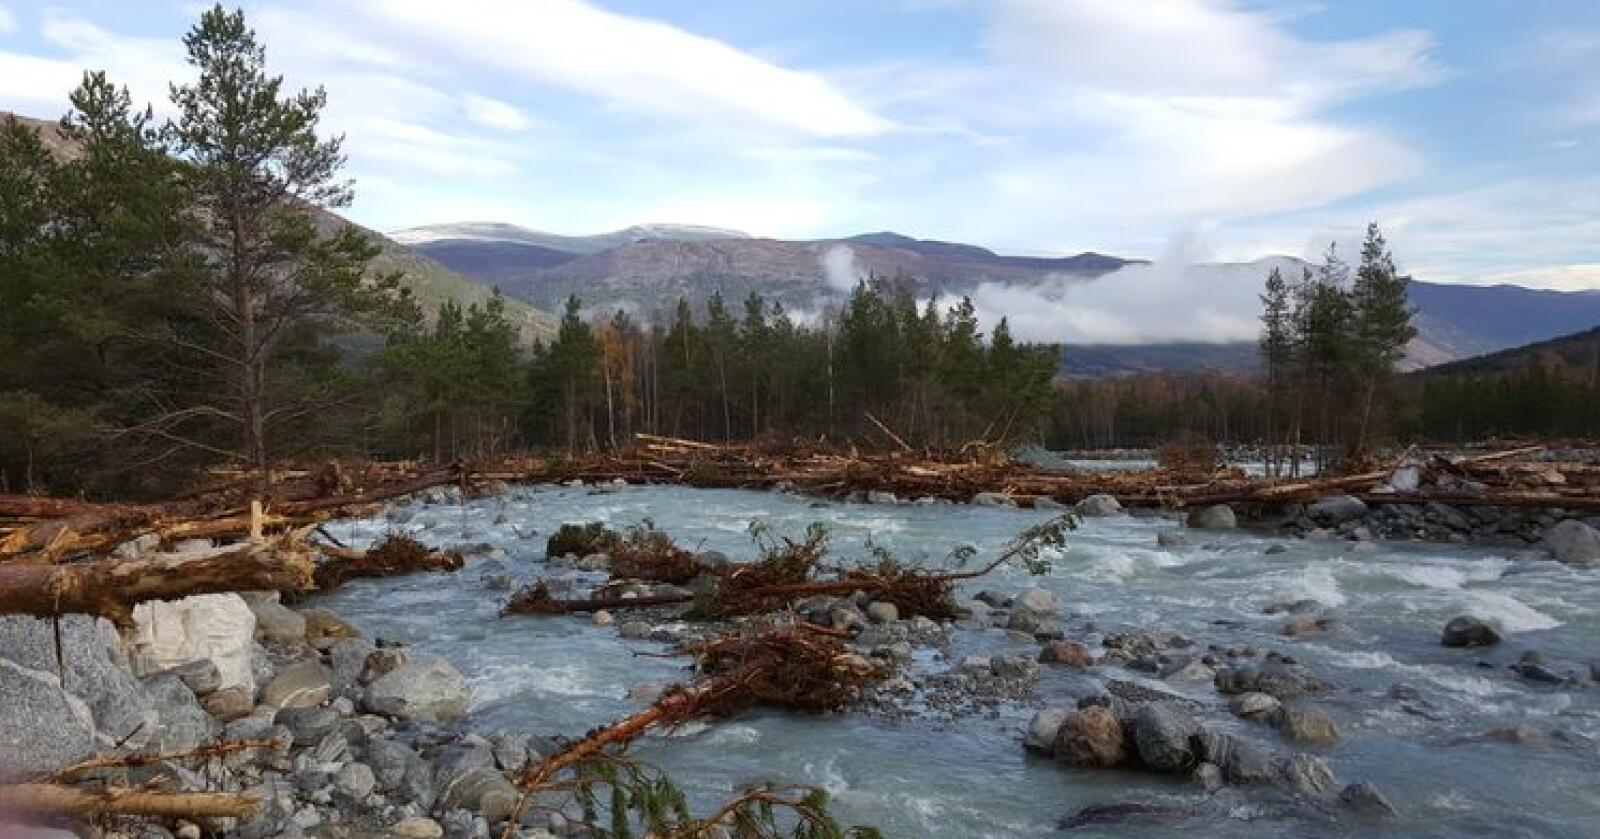 Ekstremværet påfører Gjensidige og andre forsikringsselskaper store kostnader. Bildet er fra flommen i Skjåk i oktober. Deler av elva «Skjøla» har laget et nytt elvefar. Foto: Ola Råbøl